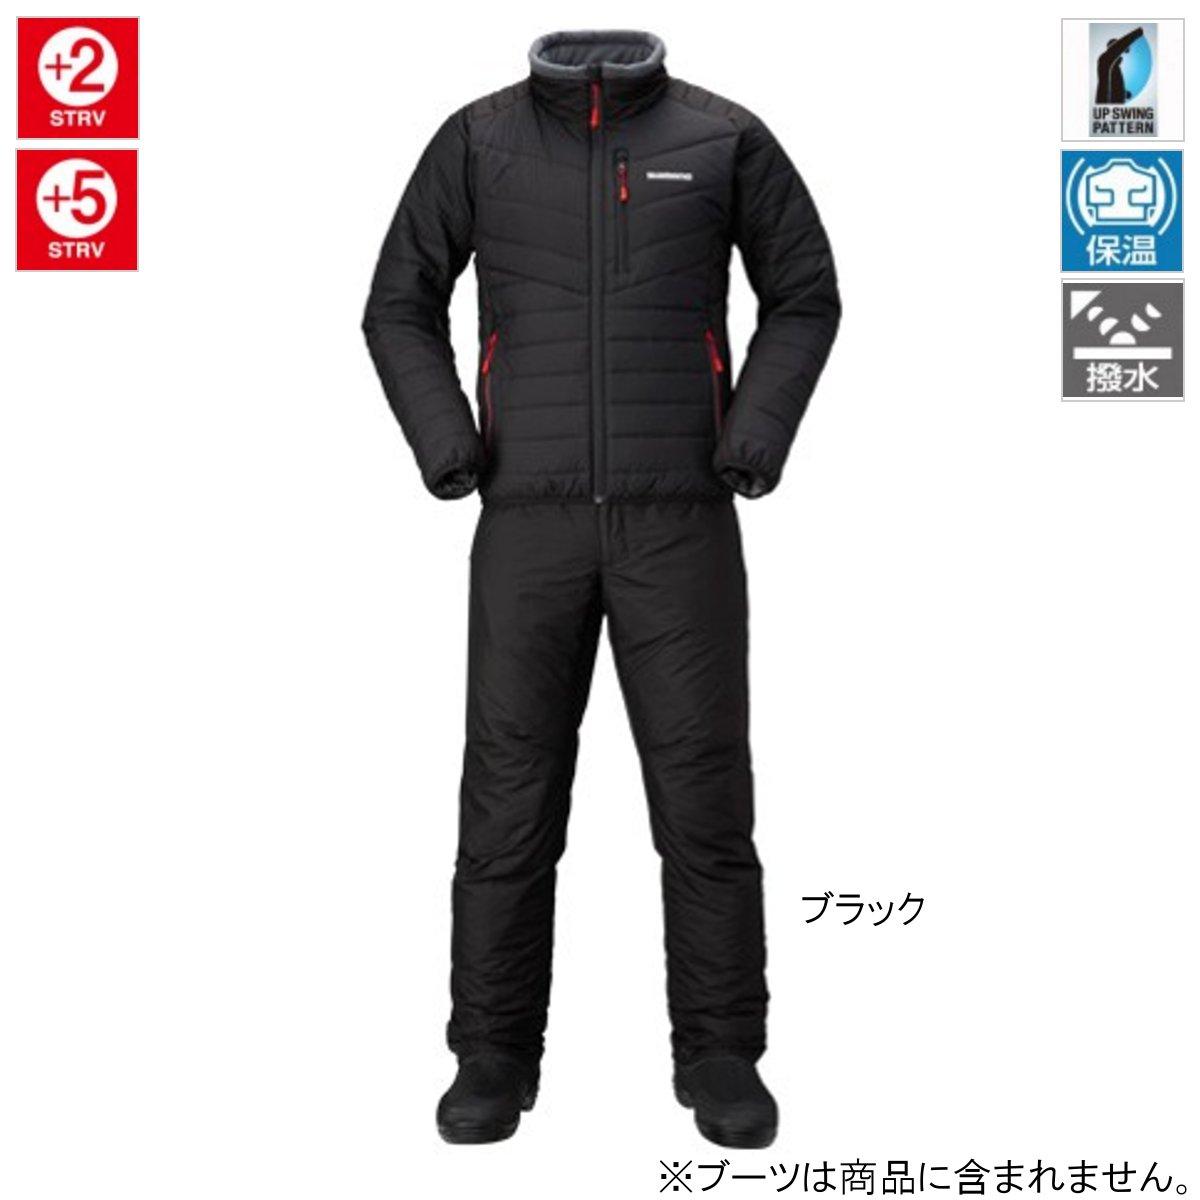 シマノ ベーシック インシュレーション スーツ MD-055Q 2XL ブラック(東日本店)